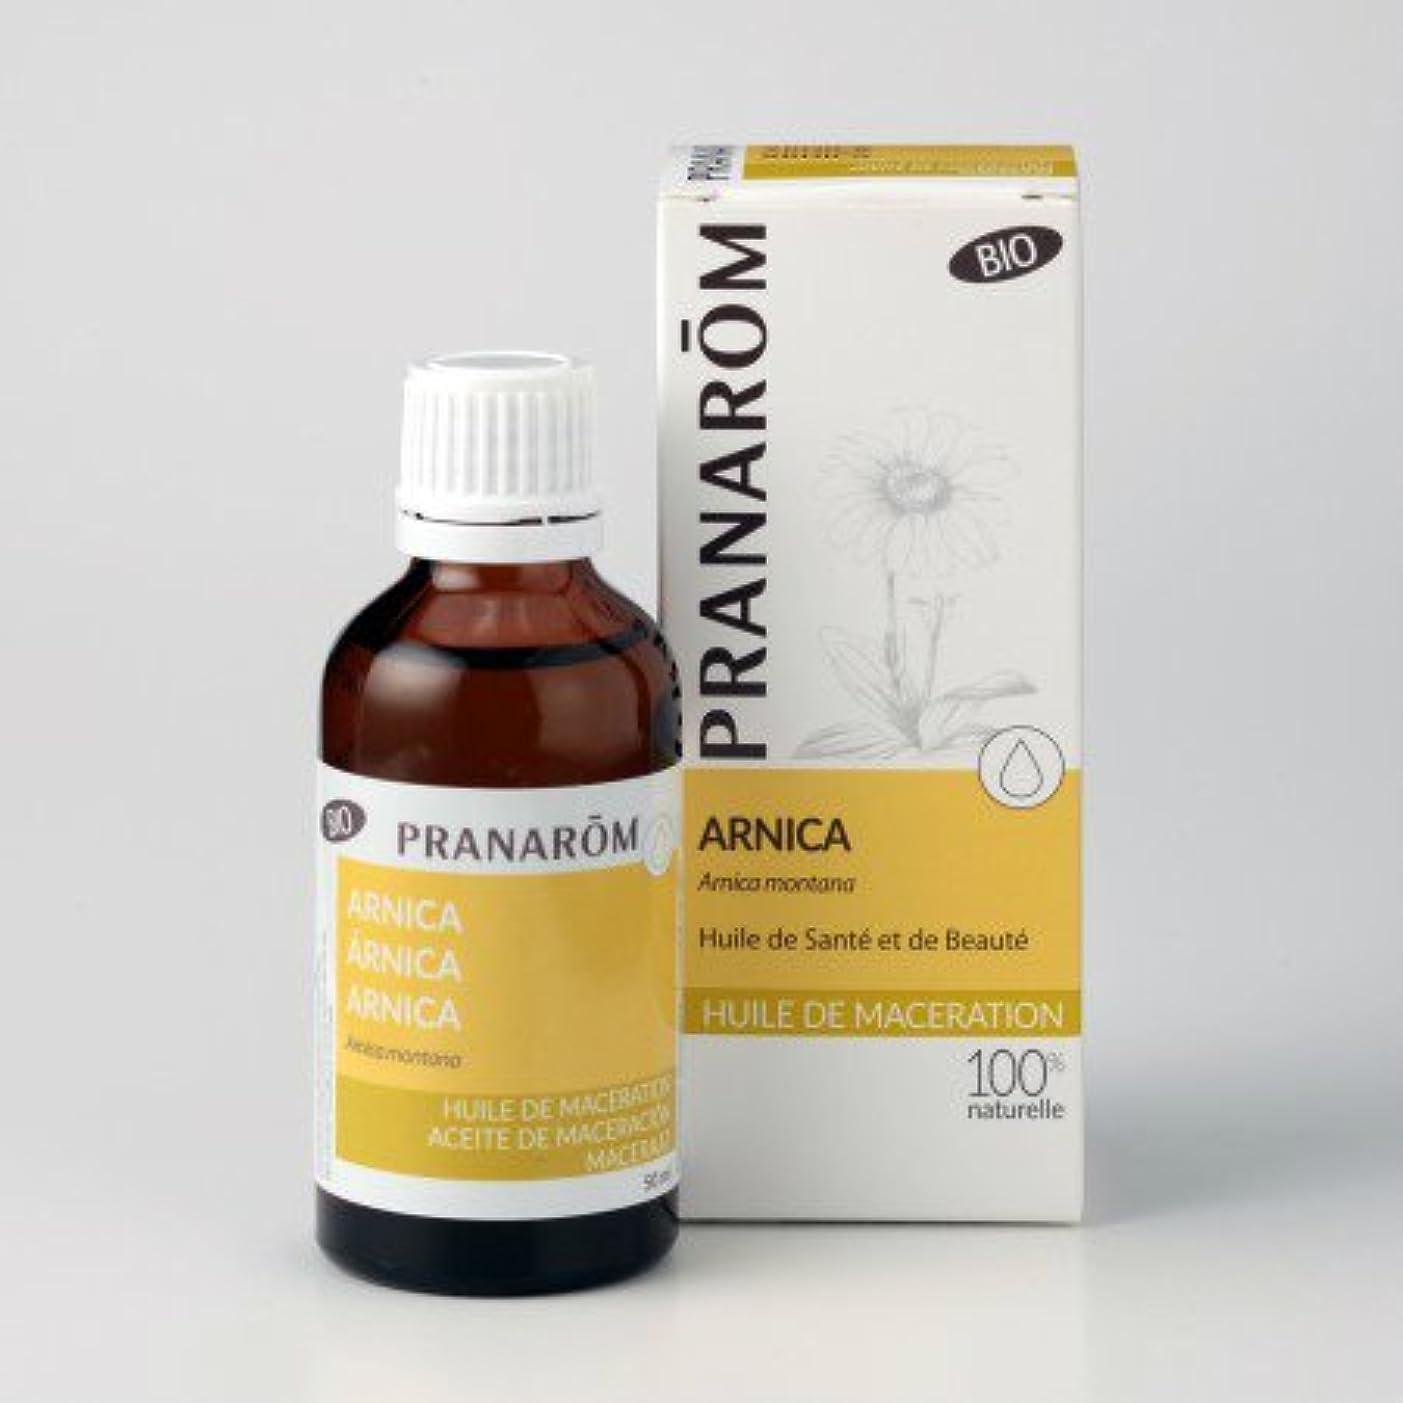 人物ラケット消すプラナロム アルニカオイル 50ml (PRANAROM 植物油)